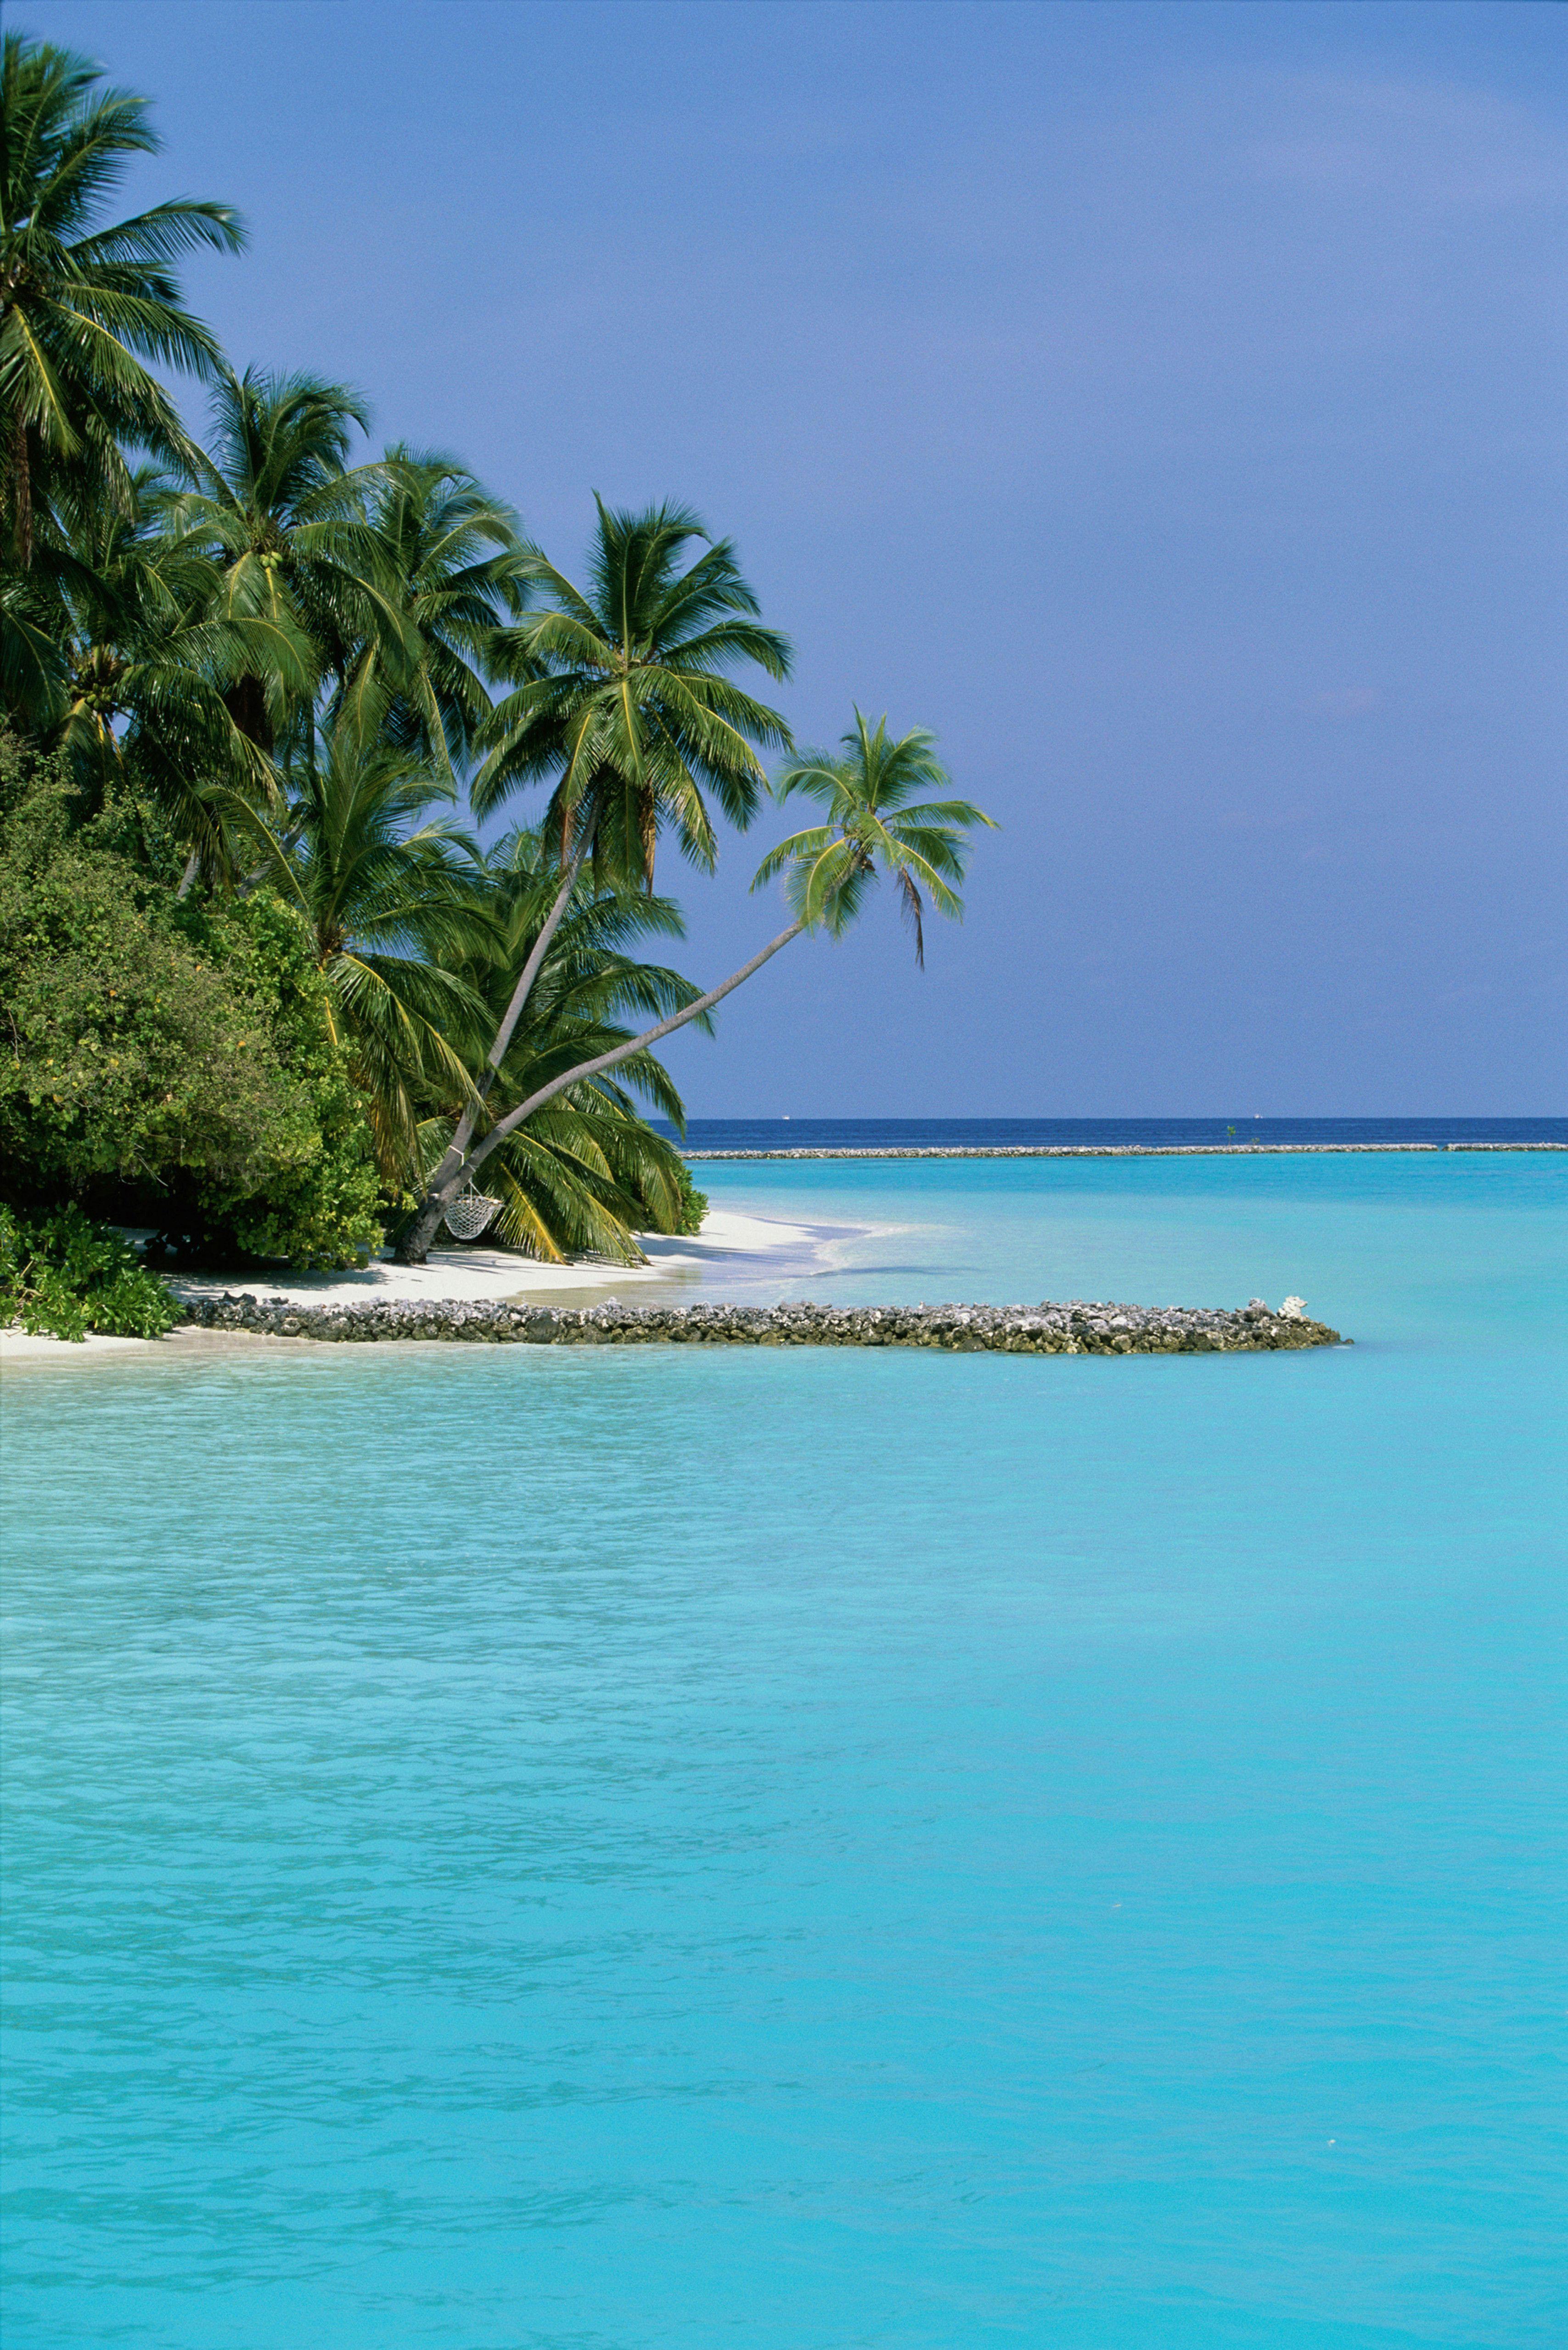 Tauchen Sie in das klare Wasser und bewundern Sie das Leben im Meer, entspannen Sie in einem Überwasserbungalow und segeln Sie von Insel zu Insel in dieser Inselgruppe im Indischen Ozean. Mit über 200 bewohnten Inseln und über 105 Urlaubsinseln kann man eine Reise auf die Malediven nach seinen eigenen Wünschen gestalten. #Expedia #ReiseDichInteressant